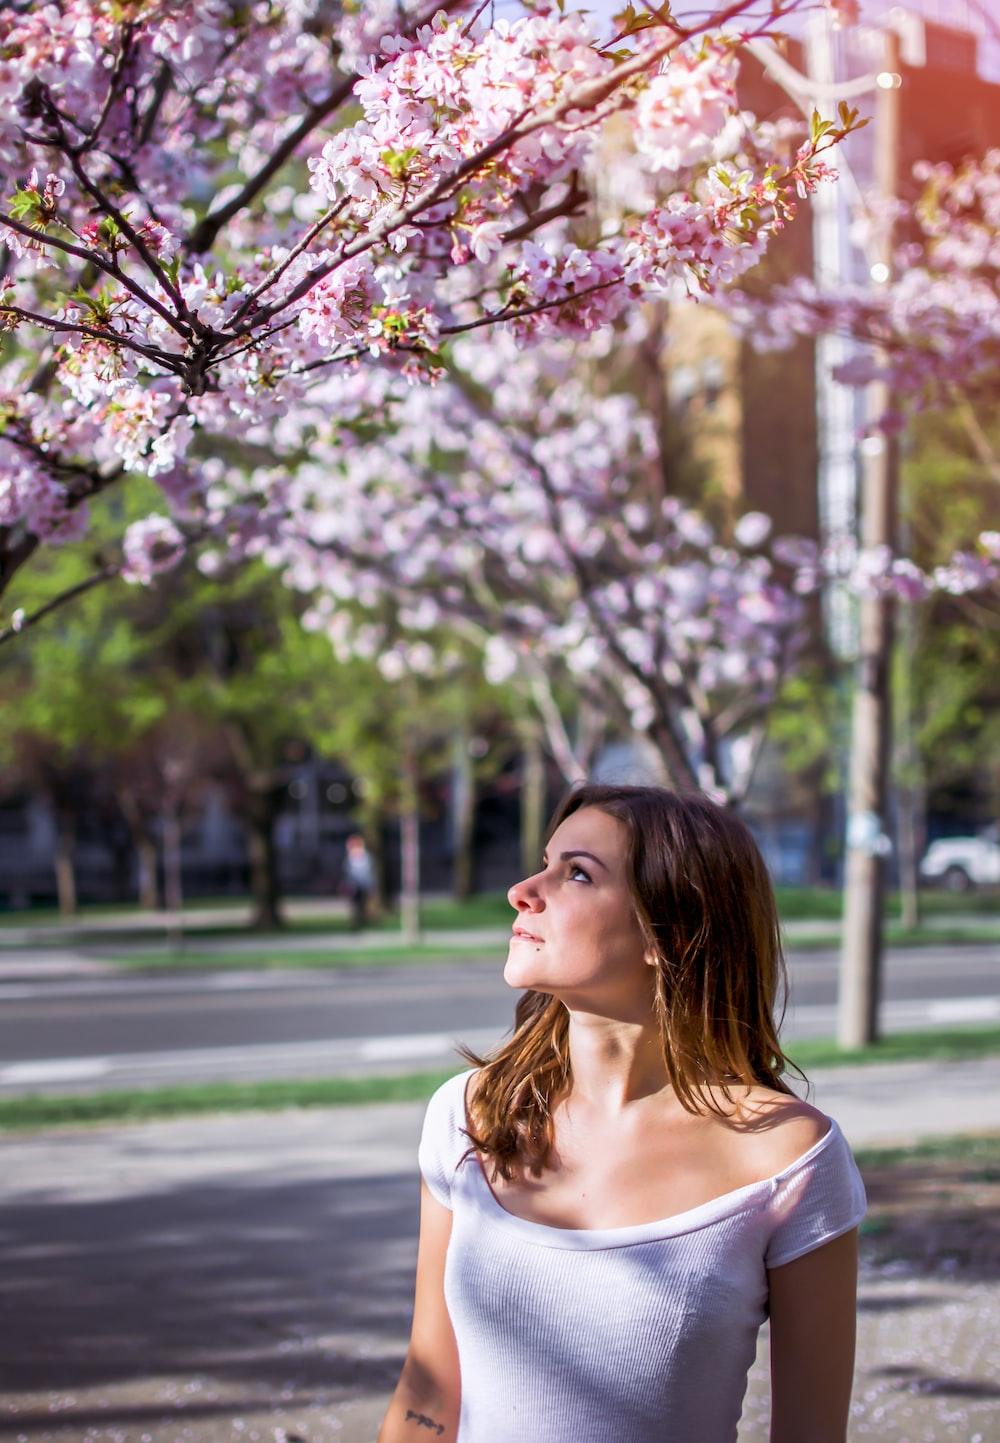 woman wearing pink top looking at pink flowering tree